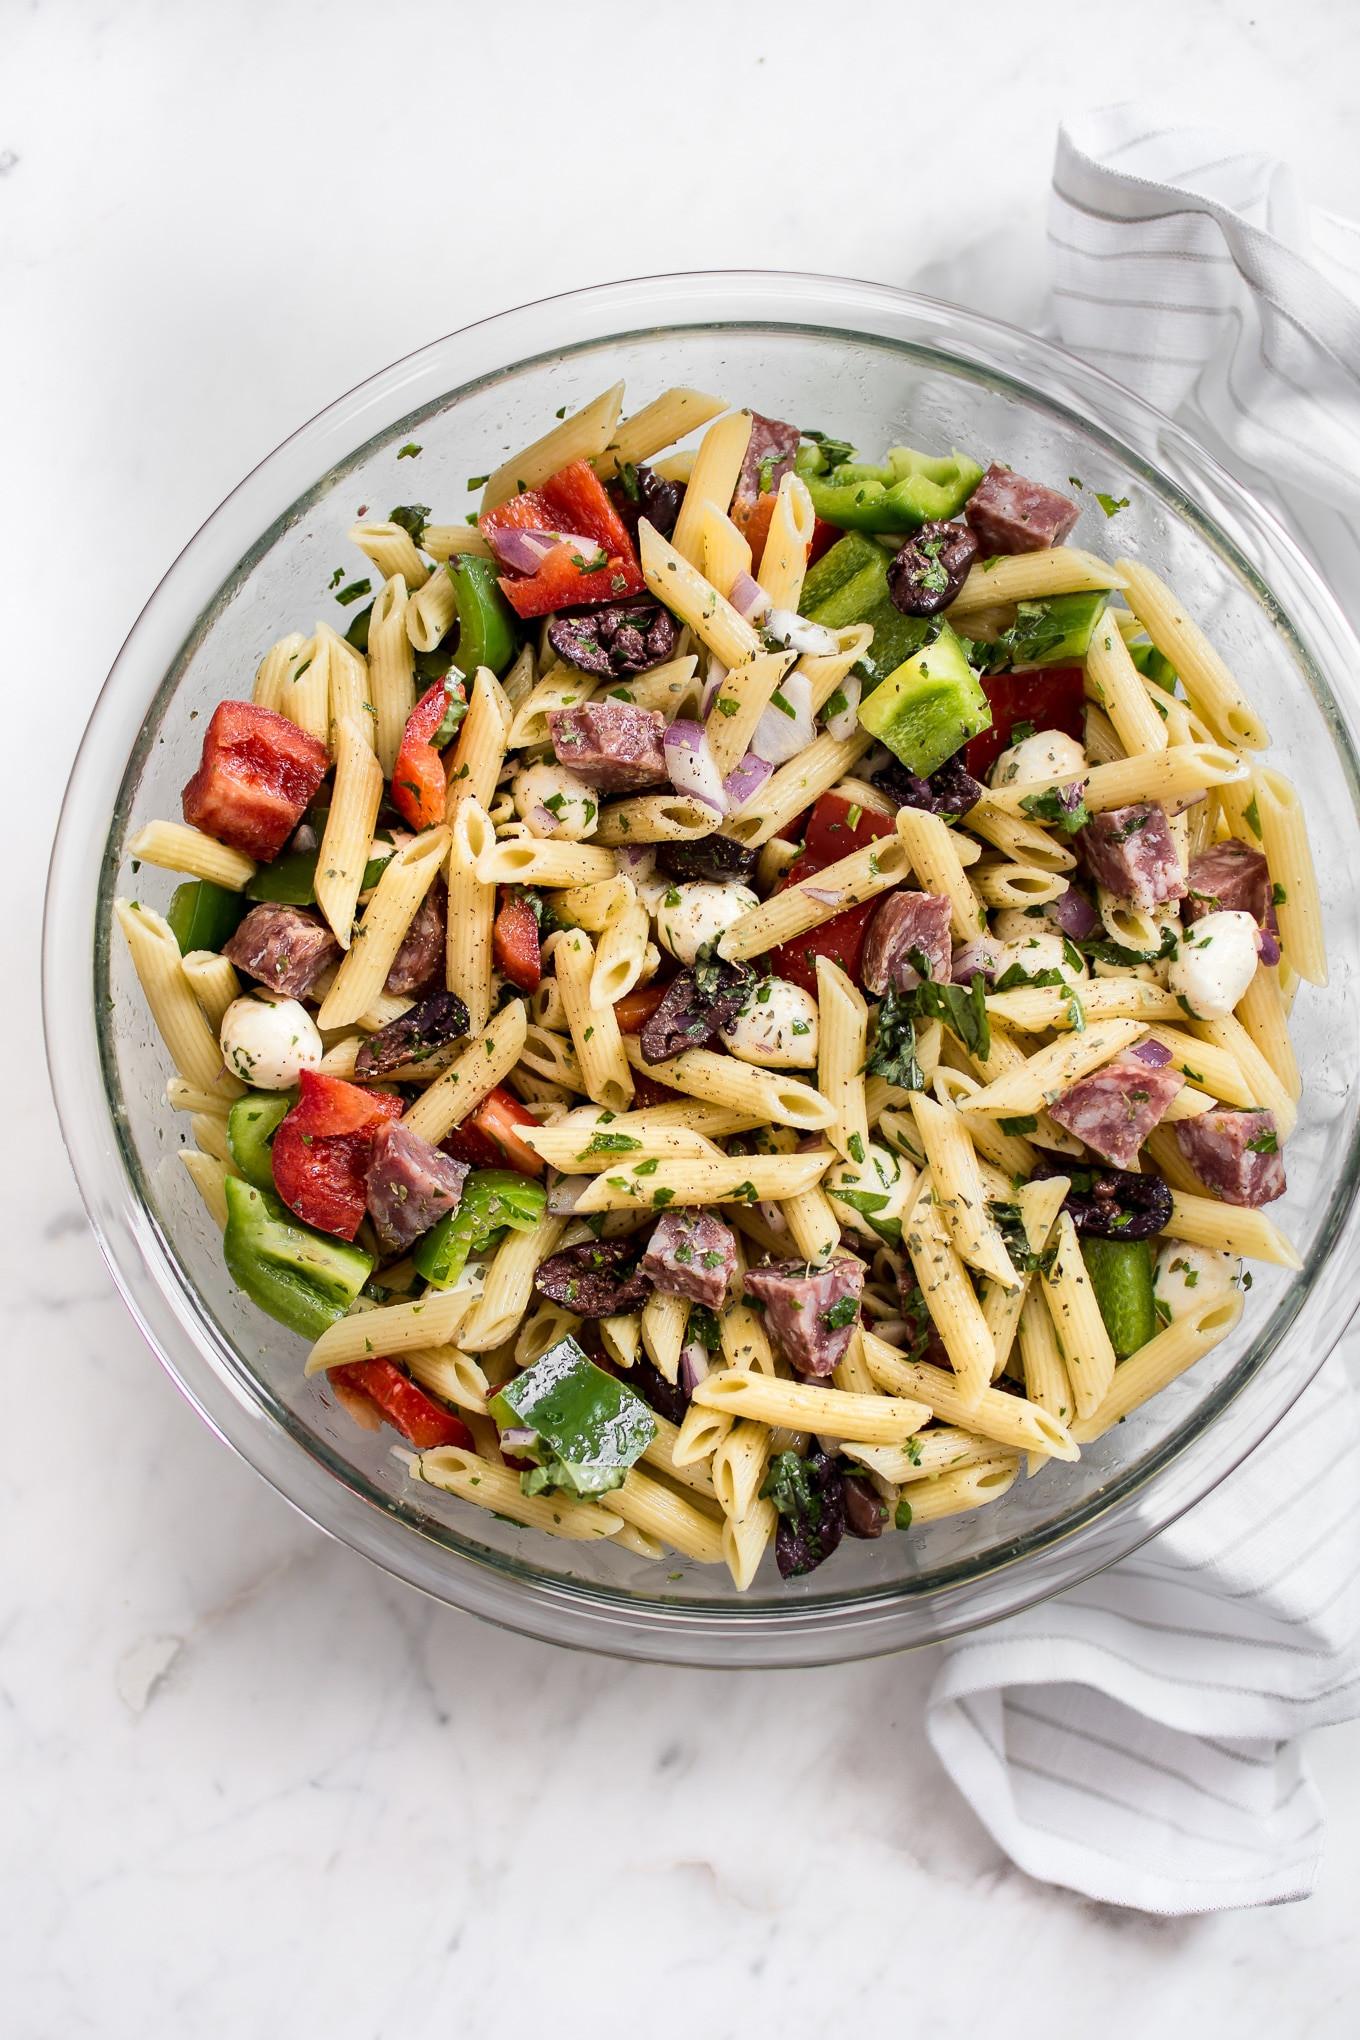 Easy Italian Pasta Salads  Easy Italian Pasta Salad Recipe • Salt & Lavender